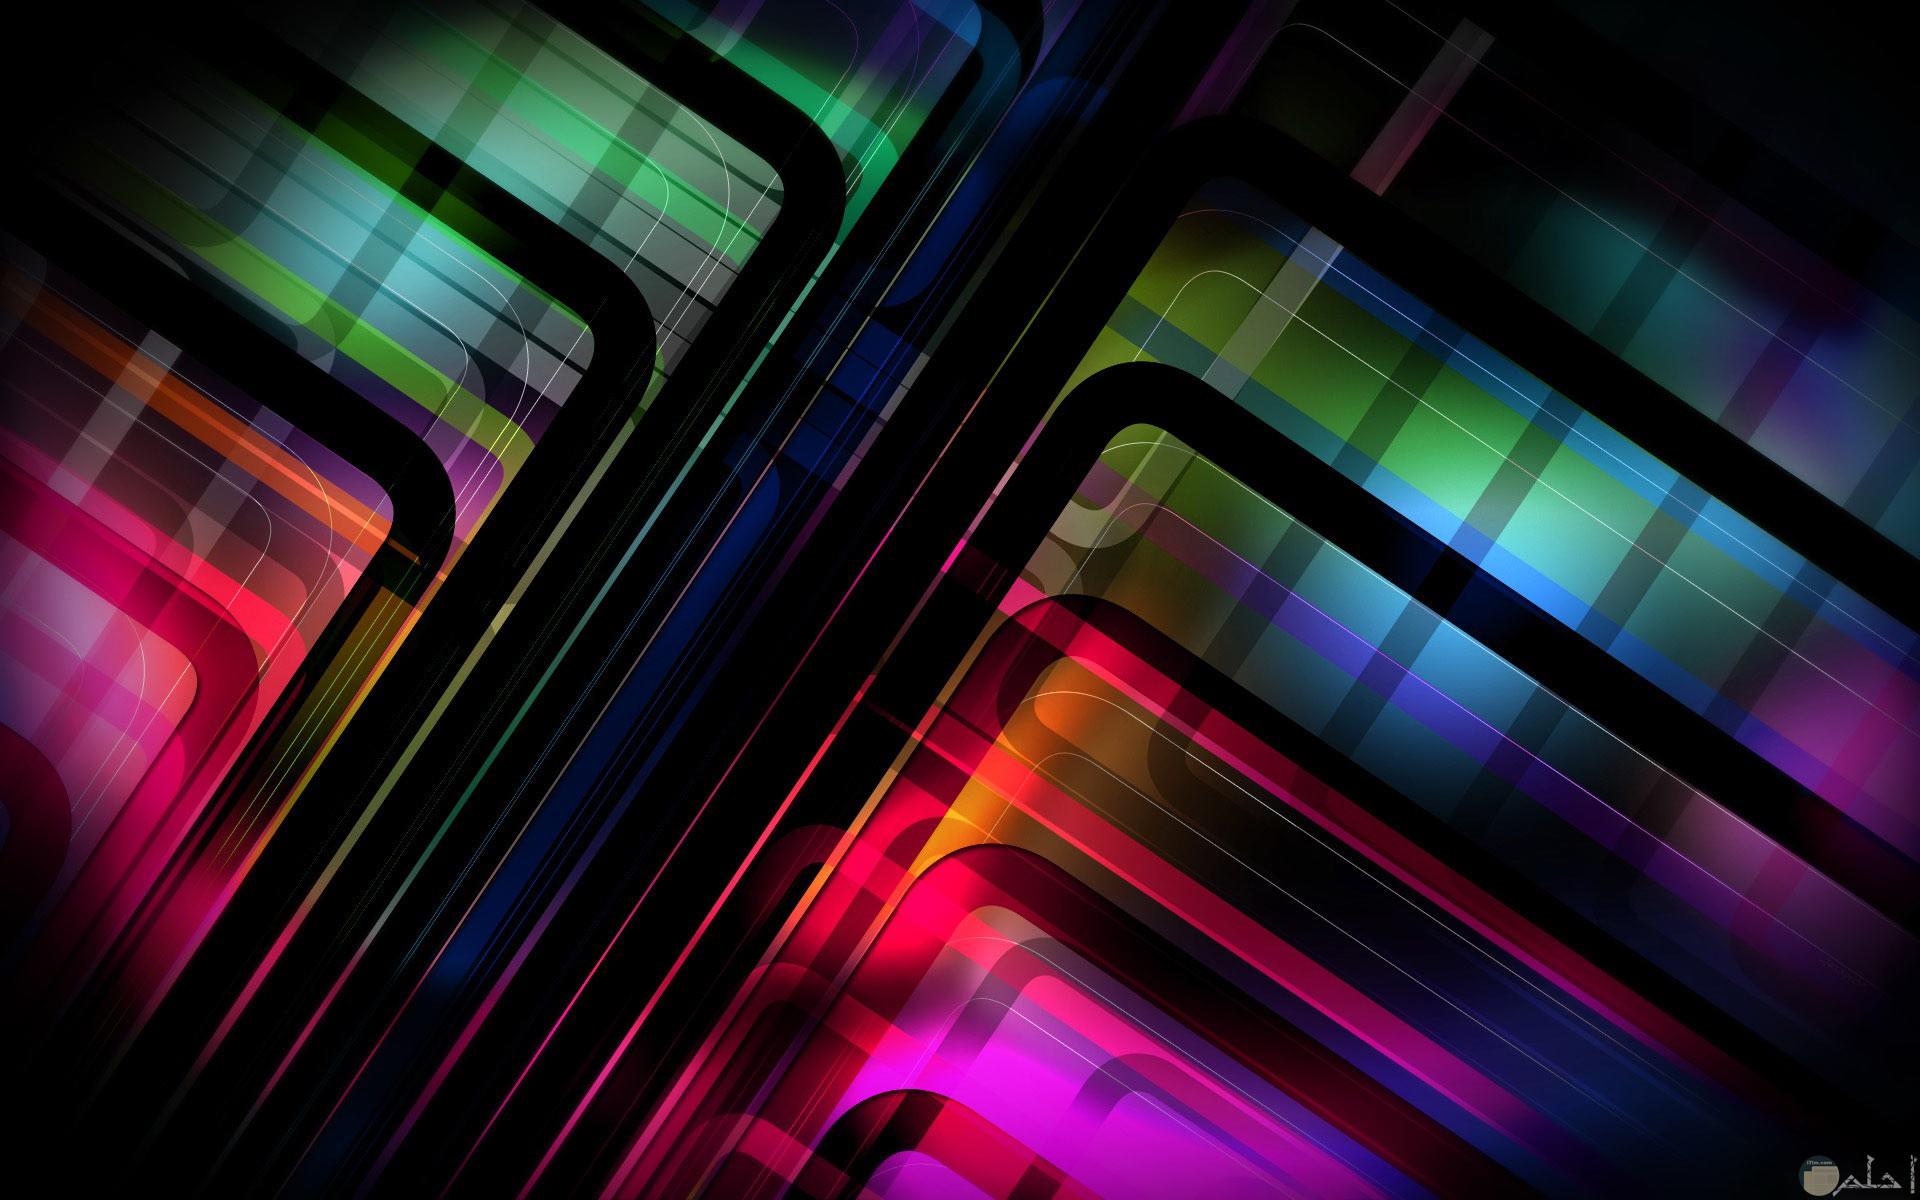 صورة مميزة بألوان جميلة تصلح خلفية للحاسوب